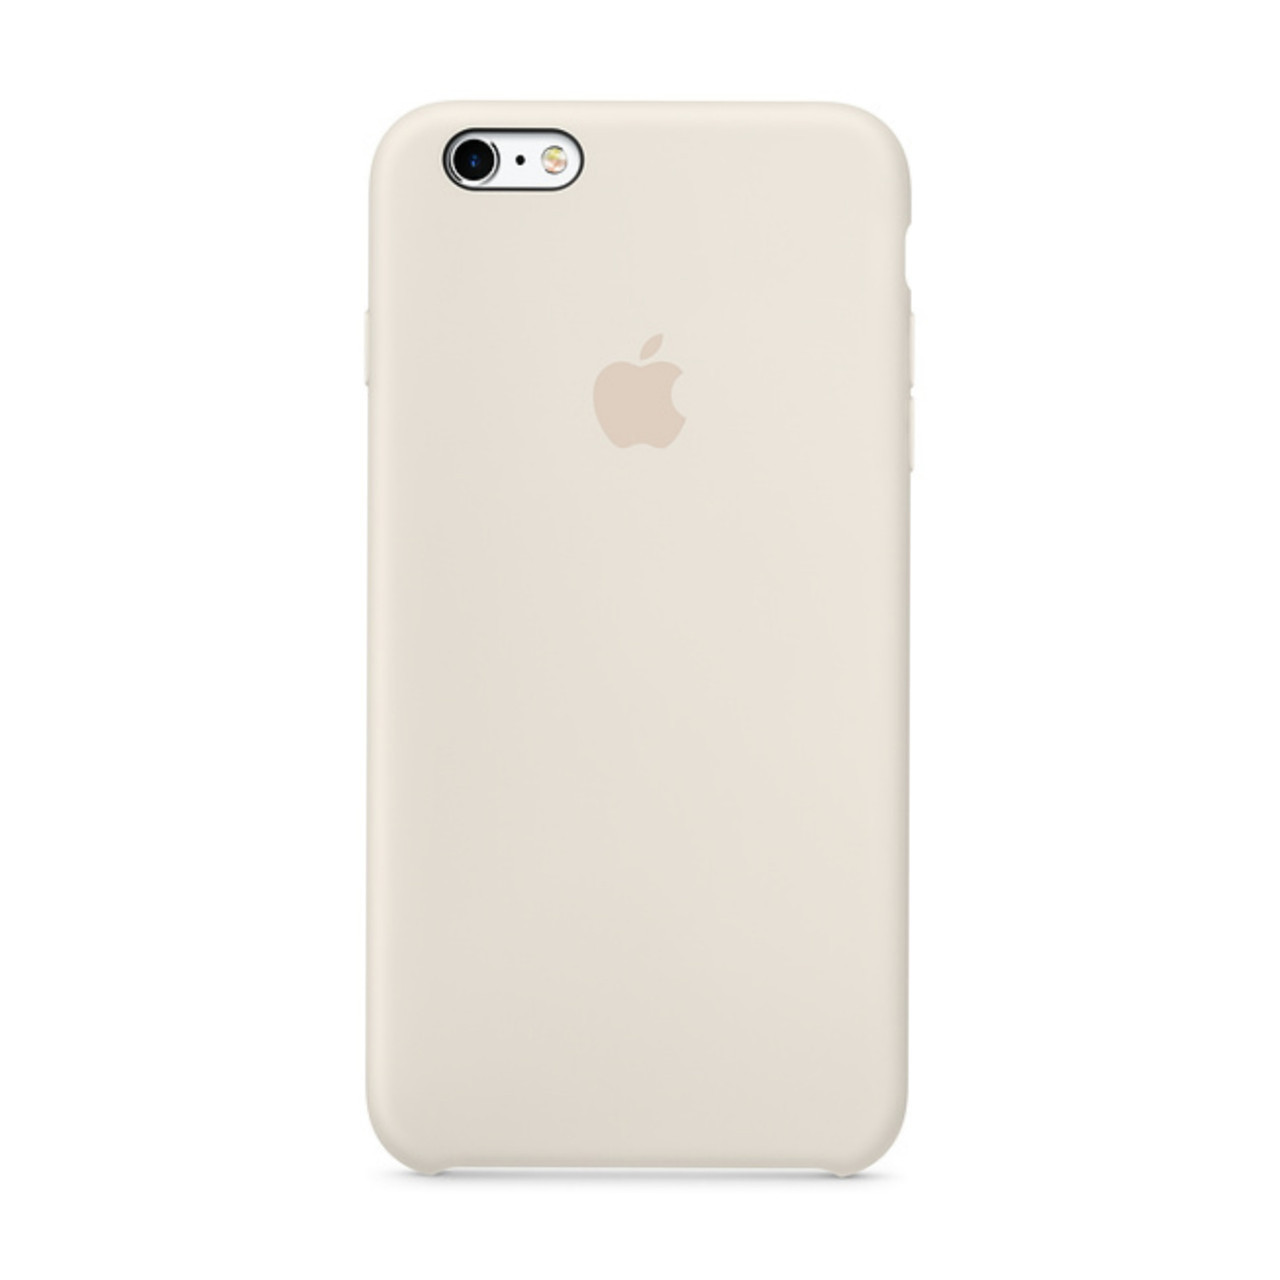 Накладка оригинальный чехол для  iPhone 7 plus/Iphone 8 plus Silic  iPhone 6/6sSilicone case, белый